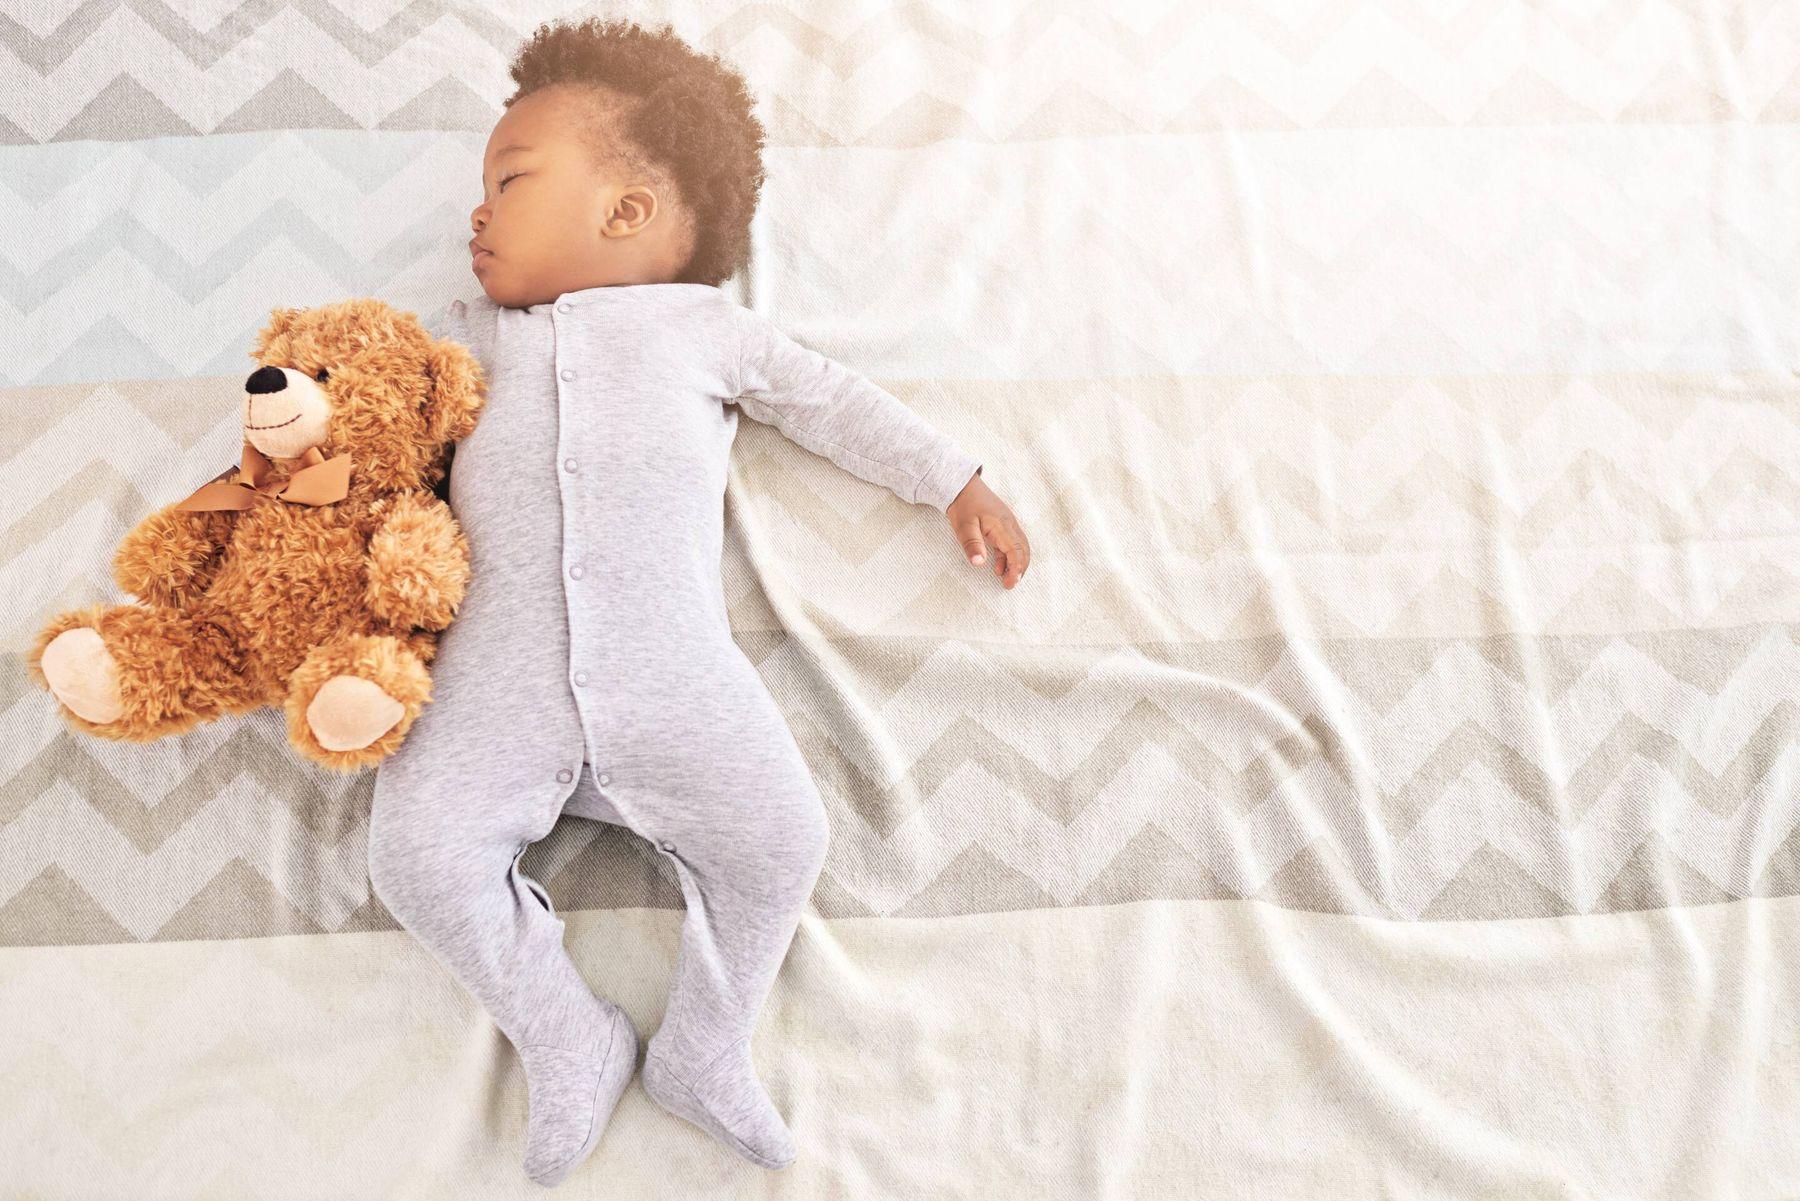 Nhiệt độ phòng cho trẻ sơ sinh ngủ ngon và phù hợp là 26 độ C